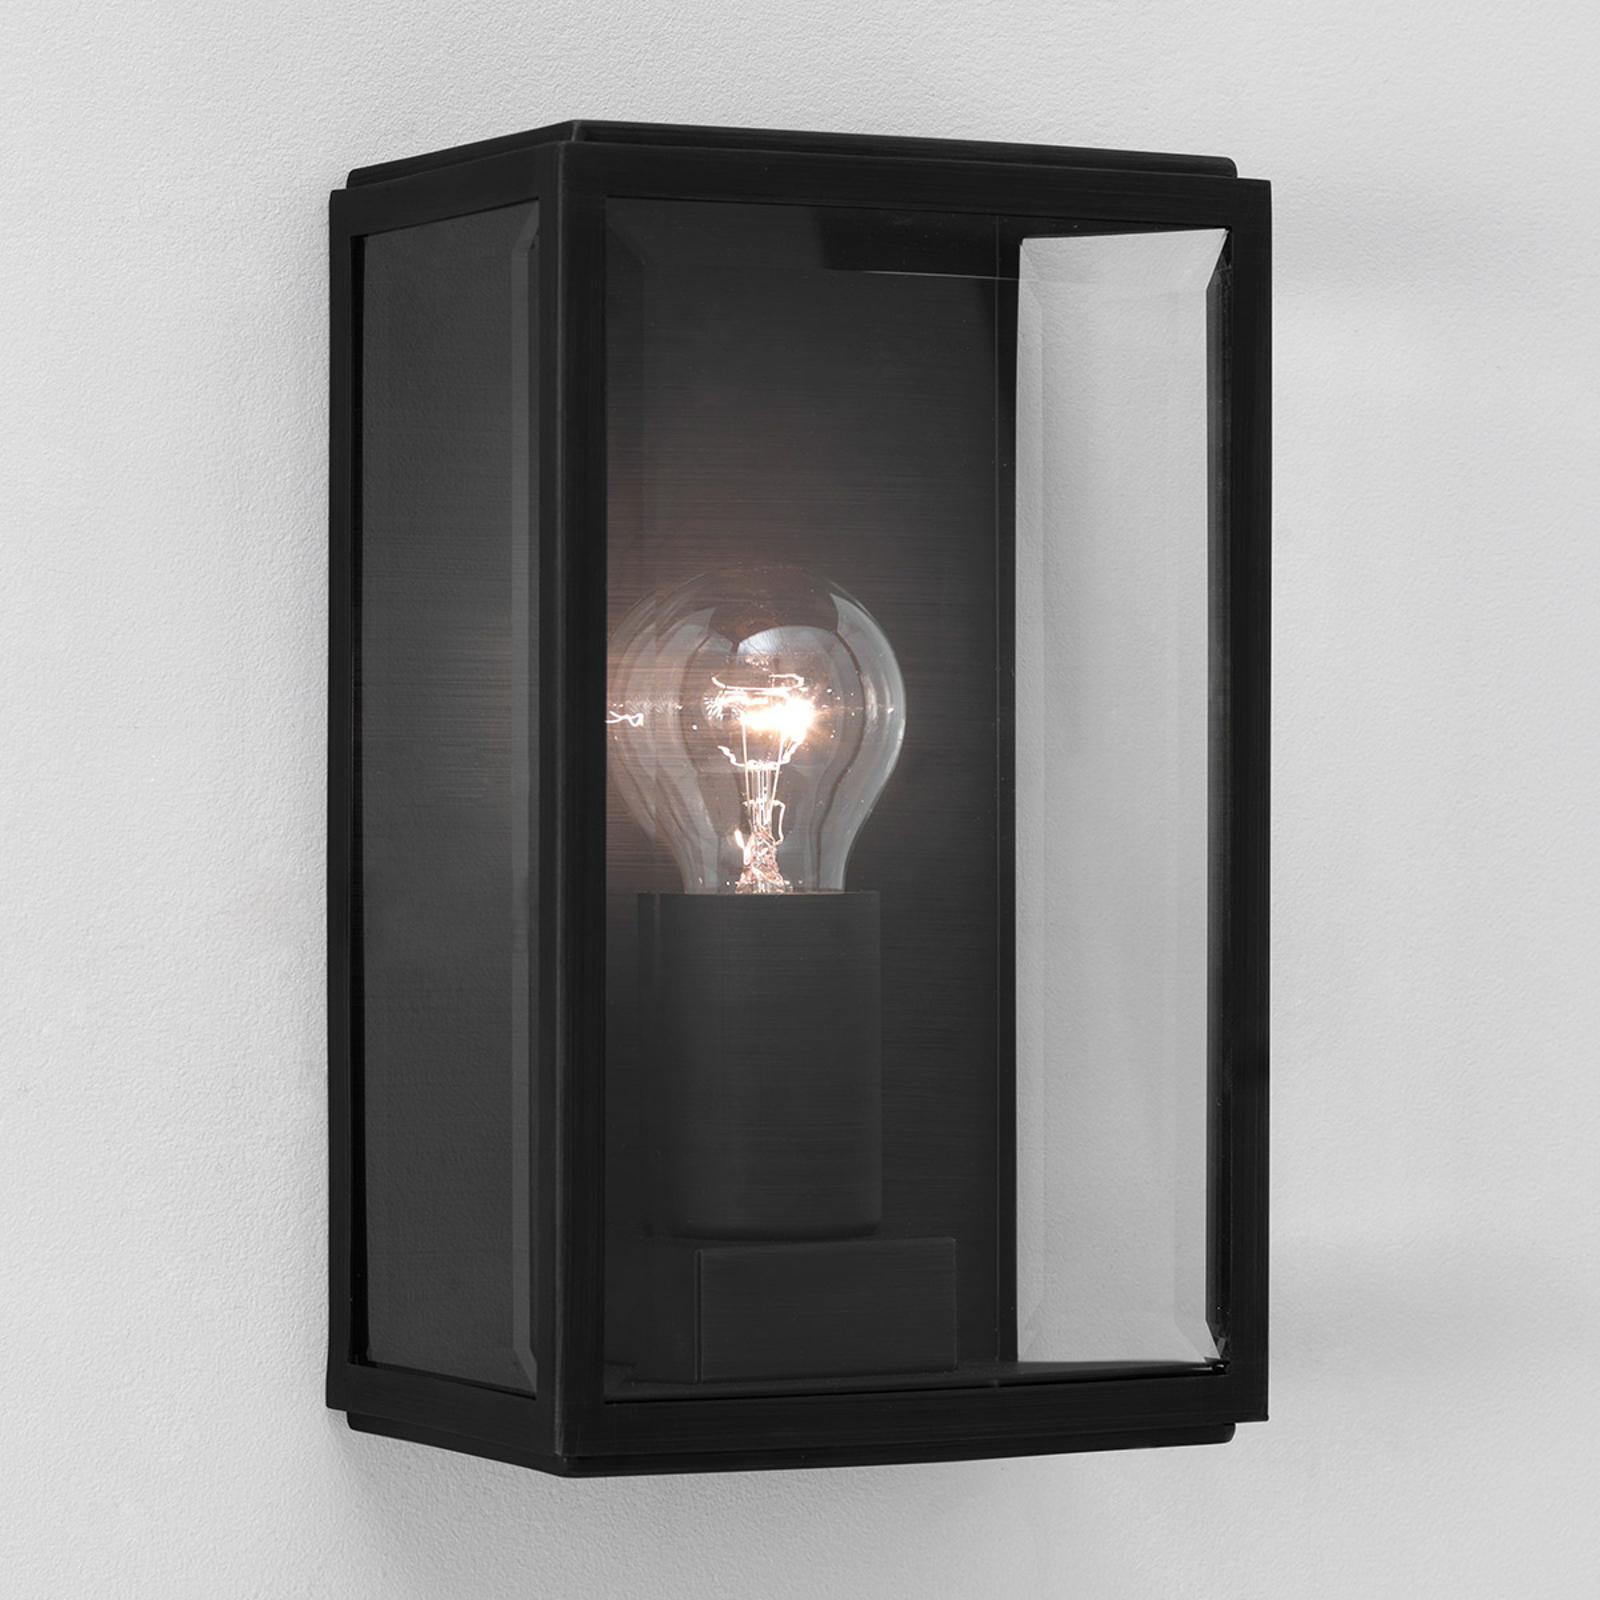 Flot HOMEFIELD SQUARE udendørs væglampe i sort